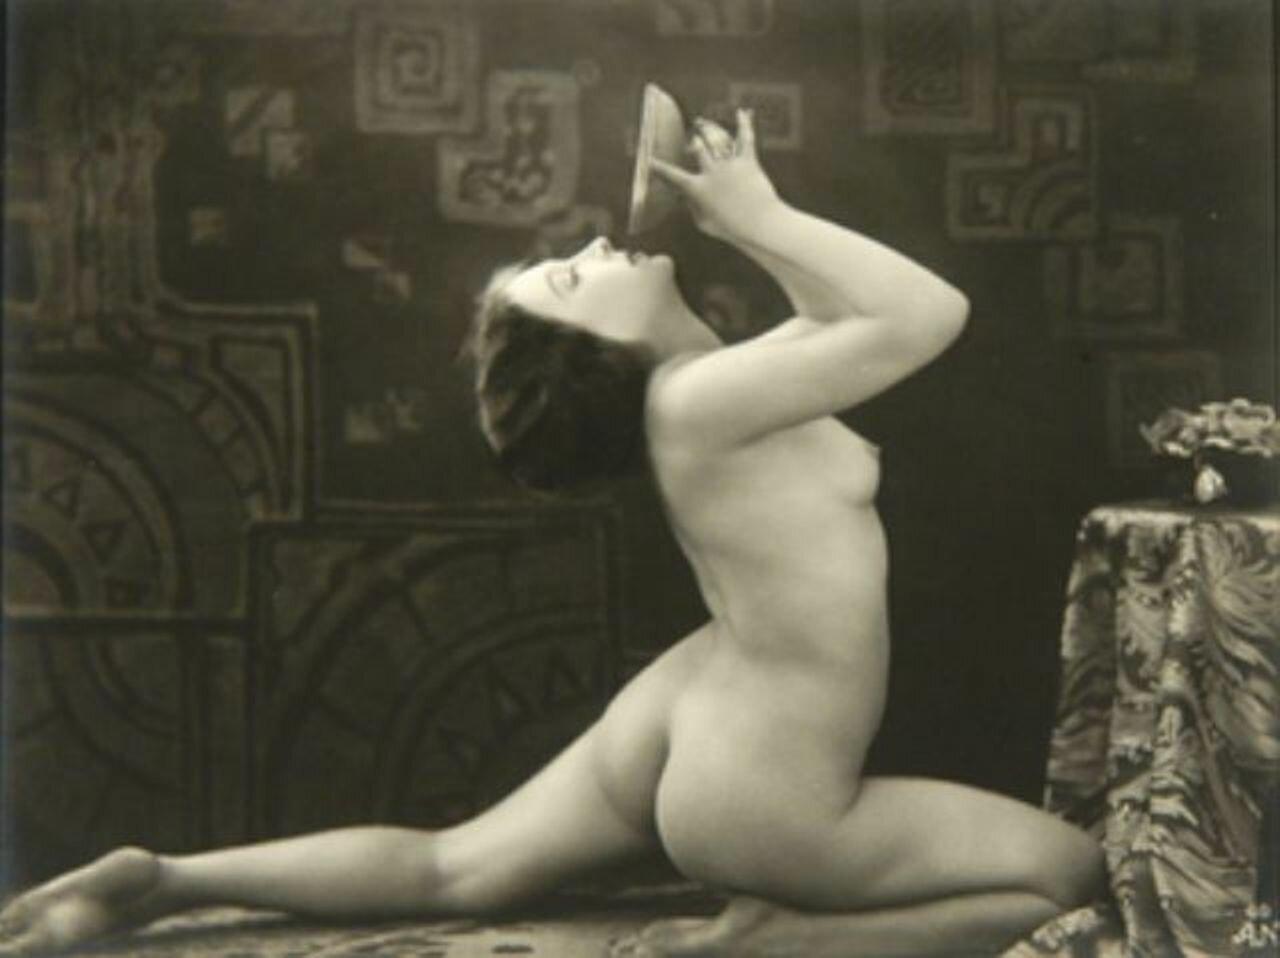 Ретро фотографии эро, Ретро эротика голых девушки и женщины - смотреть 24 фотография